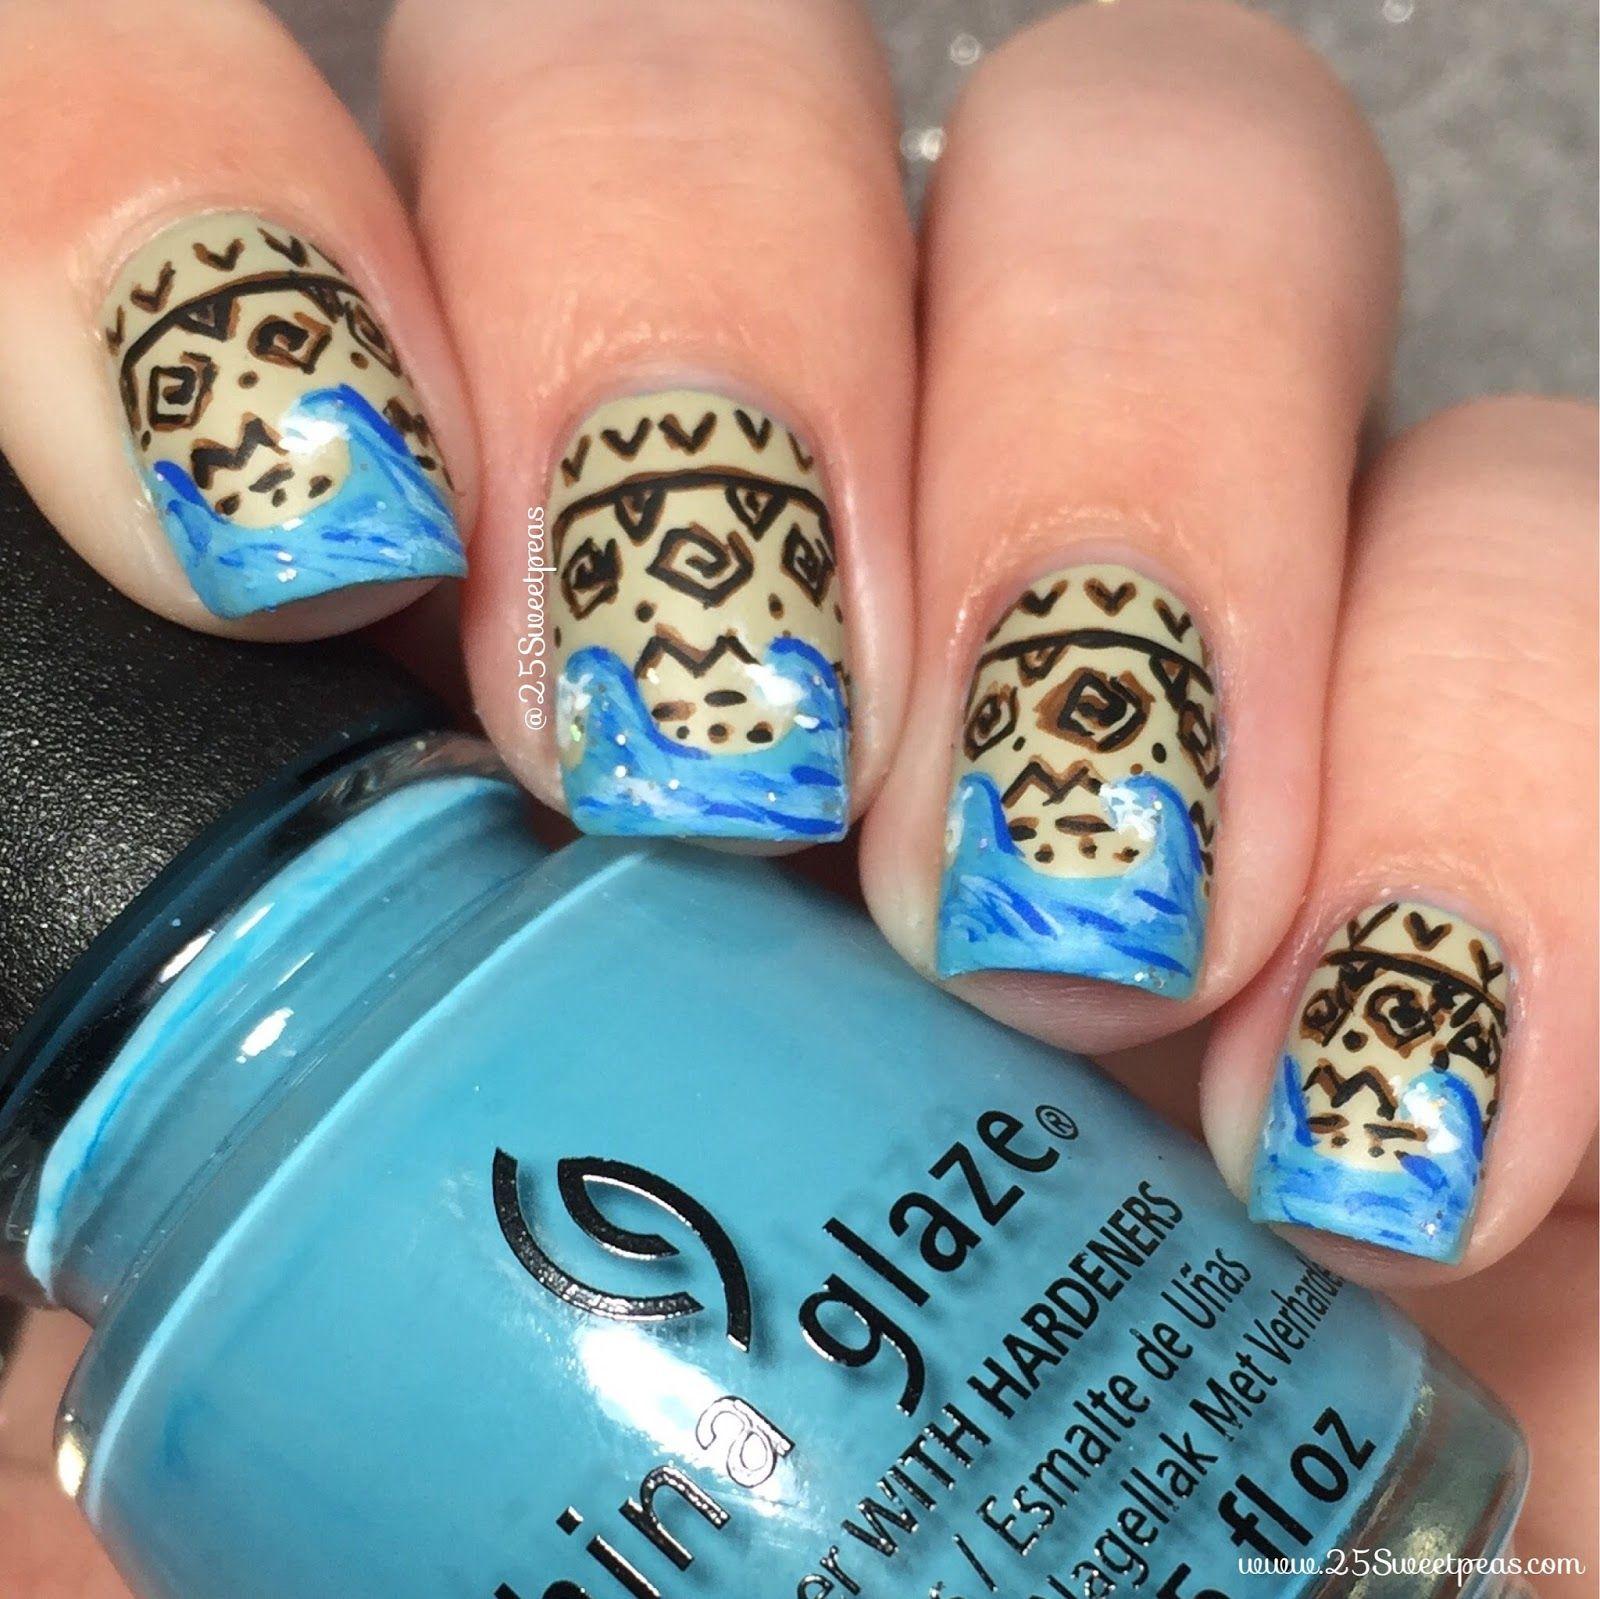 Moana Disney Nails Designs: Moana Nail Art Inspired By Disney's Hit Movie.